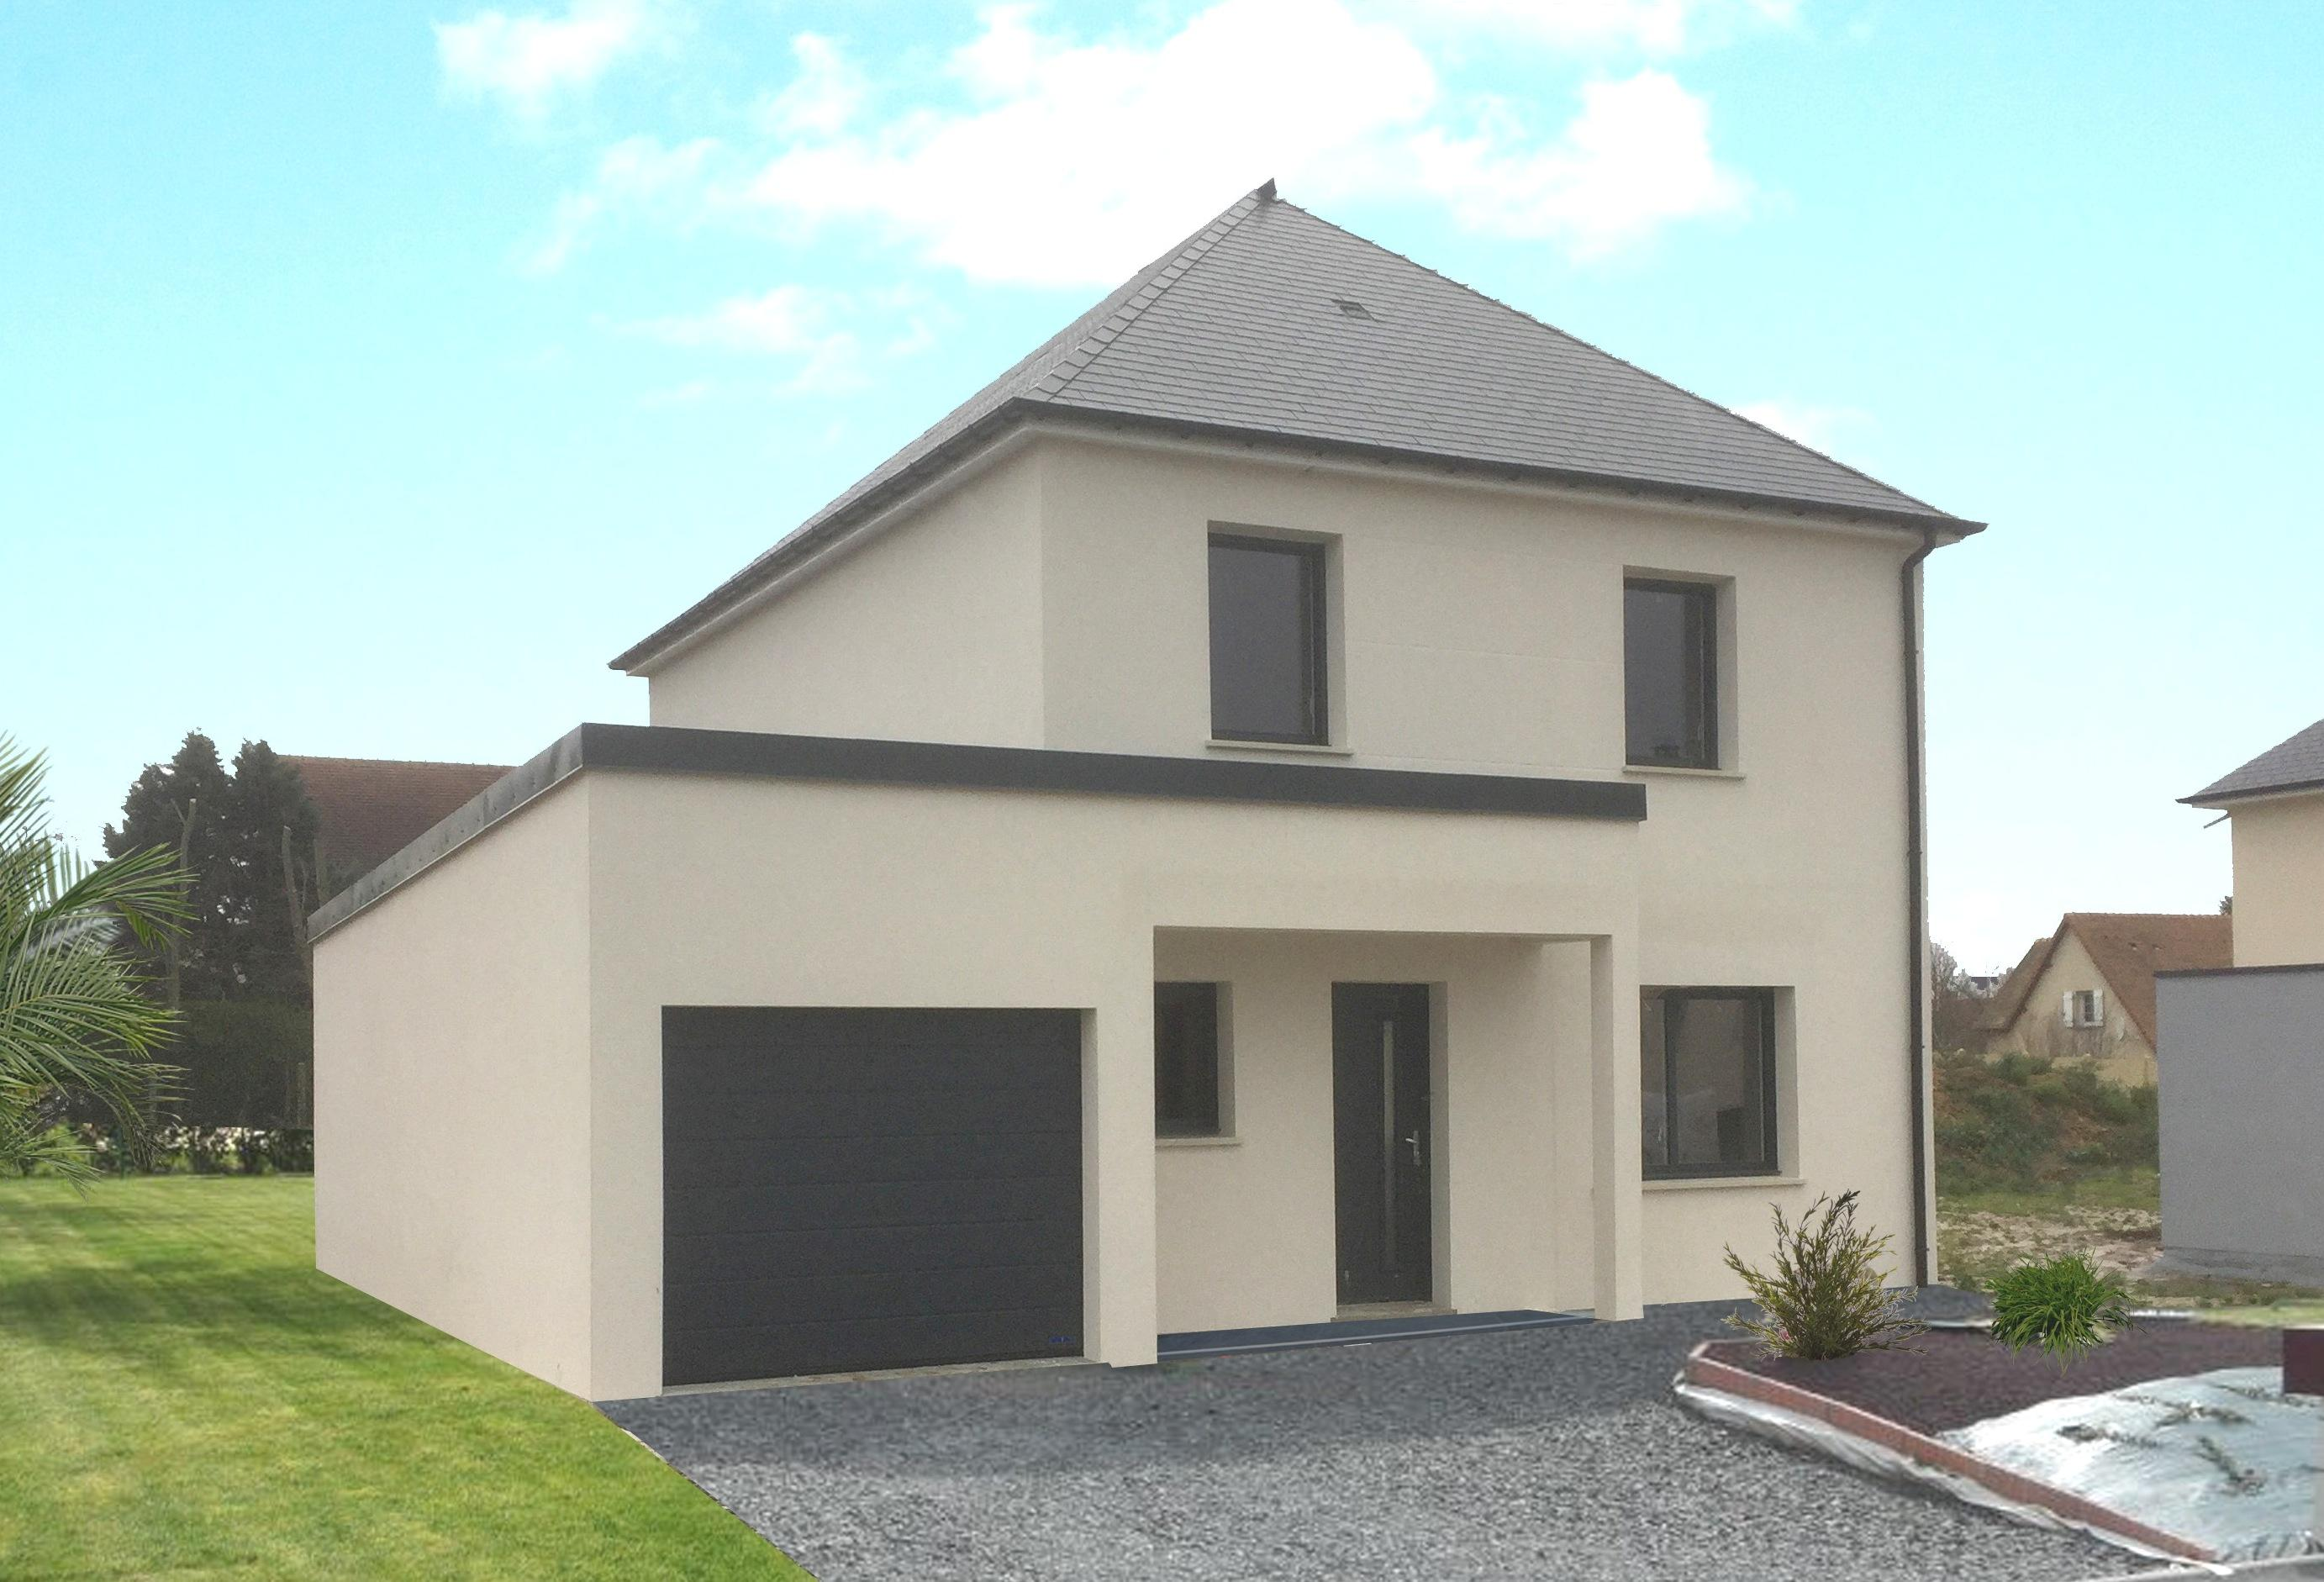 Maisons + Terrains du constructeur MAISON FAMILIALE • 103 m² • ANGERVILLE LA CAMPAGNE